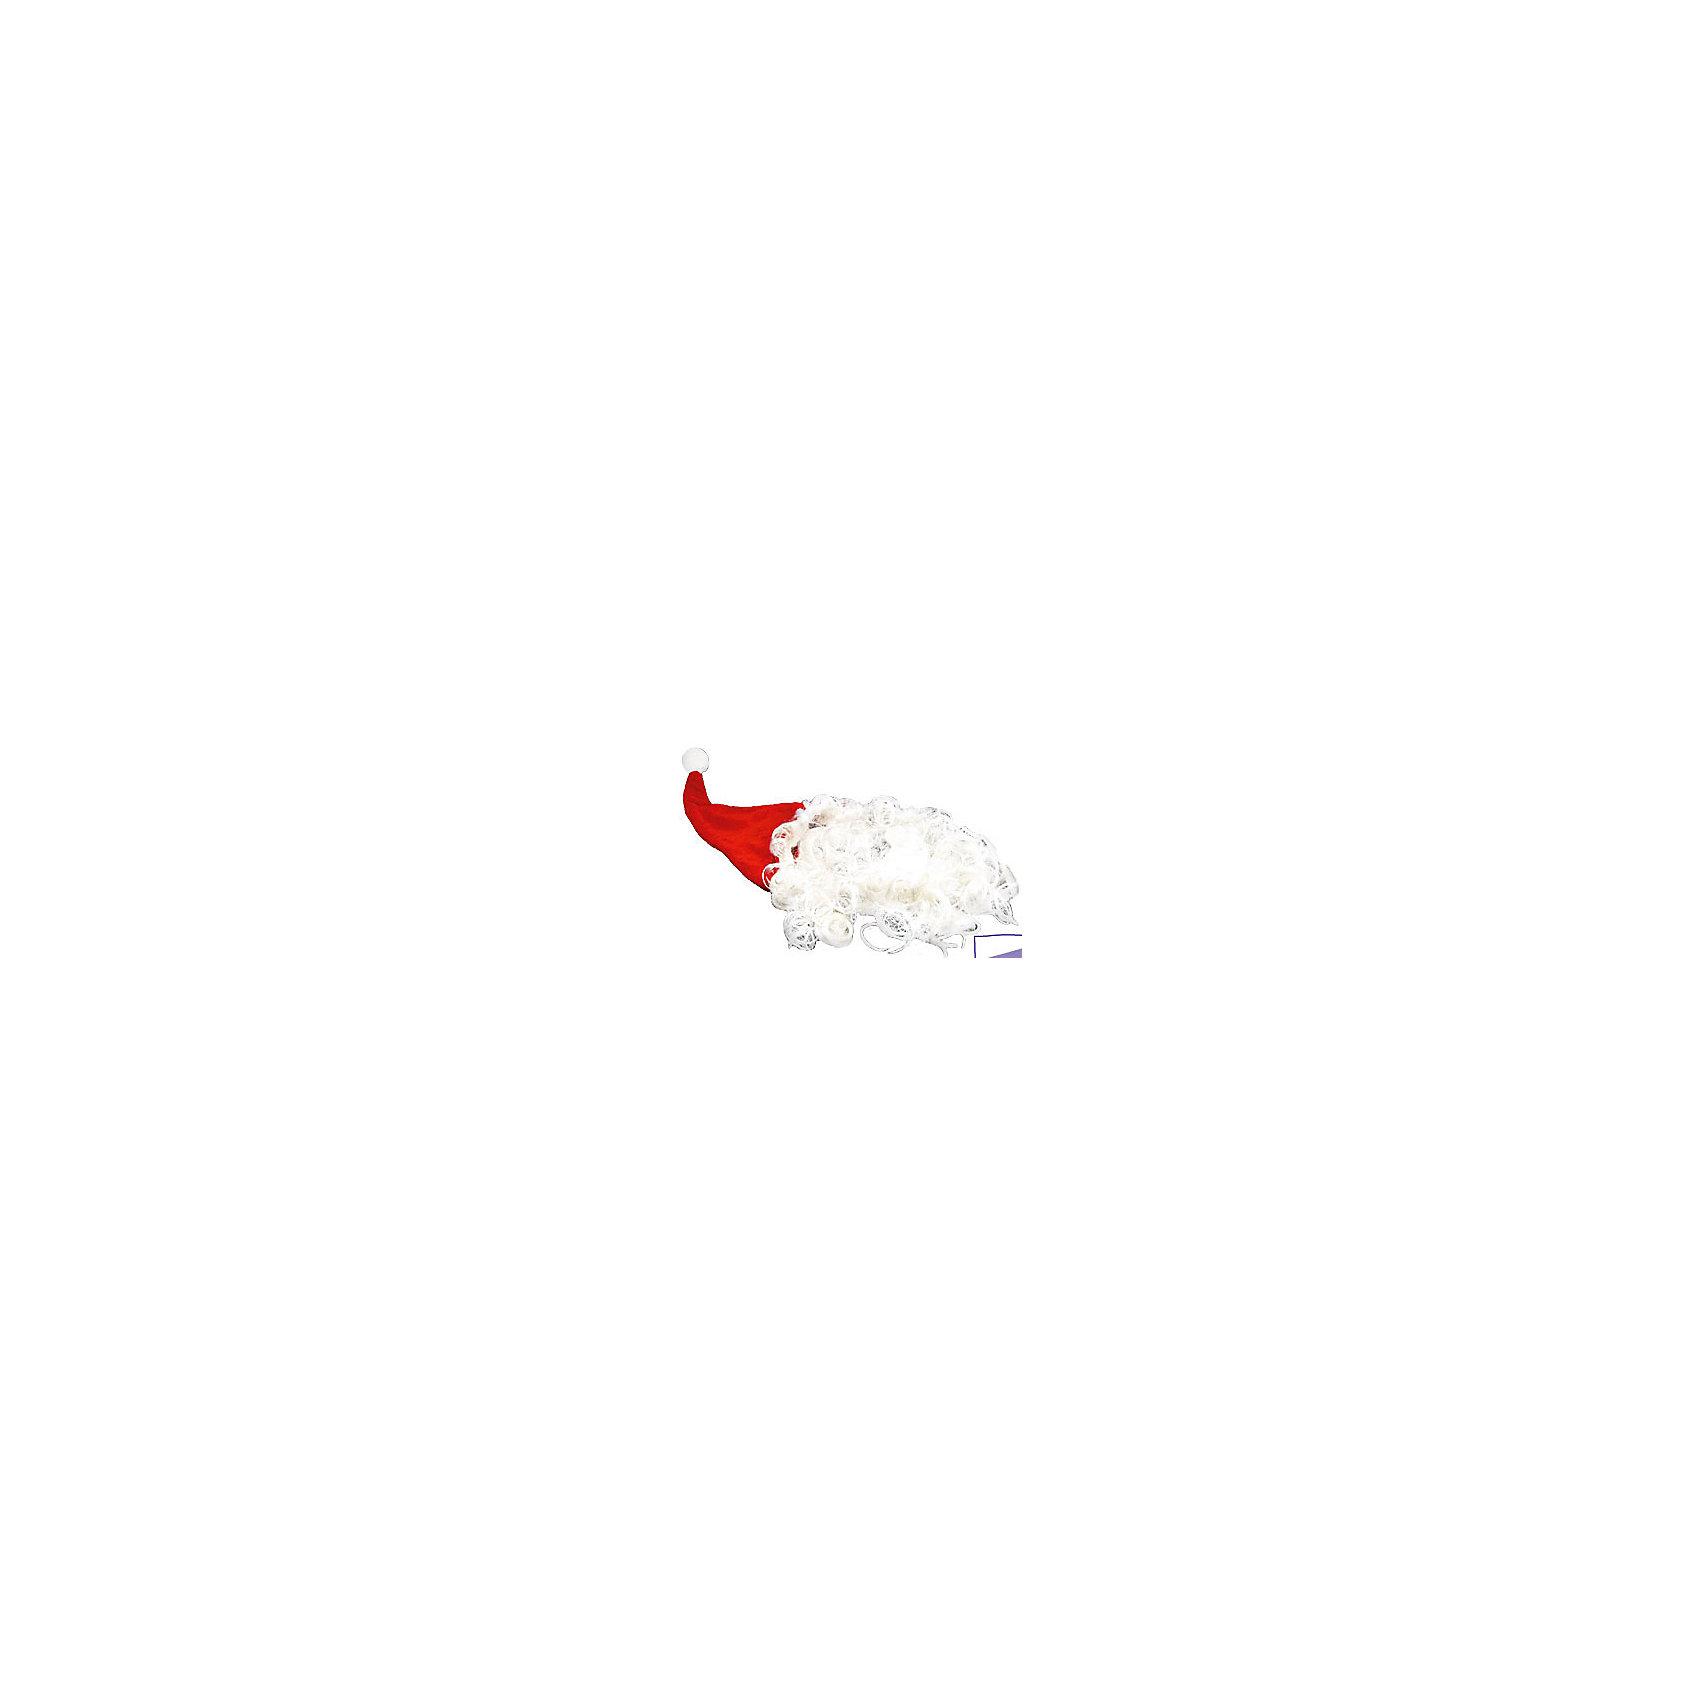 Колпак Дед Мороз, с прической, красный, MARKO FERENZOВсё для праздника<br>Характеристики колпака Дед Мороз, с прической, красный, Marko Ferenzo:<br><br>- возраст: от 3 лет<br>- пол: для мальчиков и девочек<br>- цвет: красный белый.<br>- материал: текстиль, синтетические материалы<br>- упаковка: пакет.<br><br>Карнавальный колпак Дед Мороз бренда Marko Ferenzo - это мягкий и качественный колпак, которой можно надевать на голову в преддверии новогоднего праздника или во время праздничного новогоднего застолья. Изделие выполнено в виде красного колпака с белой окантовкой по краям. Красный колпак украшен белой прической и бородой, такой яркий аксессуар будет отличным дополнением к карнавальному костюму.<br><br><br>Красный колпак Дед Мороз с прической торговой  марки  Marko Ferenzo можно купить в нашем интернет-магазине.<br><br>Ширина мм: 180<br>Глубина мм: 80<br>Высота мм: 150<br>Вес г: 14<br>Возраст от месяцев: 120<br>Возраст до месяцев: 192<br>Пол: Унисекс<br>Возраст: Детский<br>SKU: 5105647